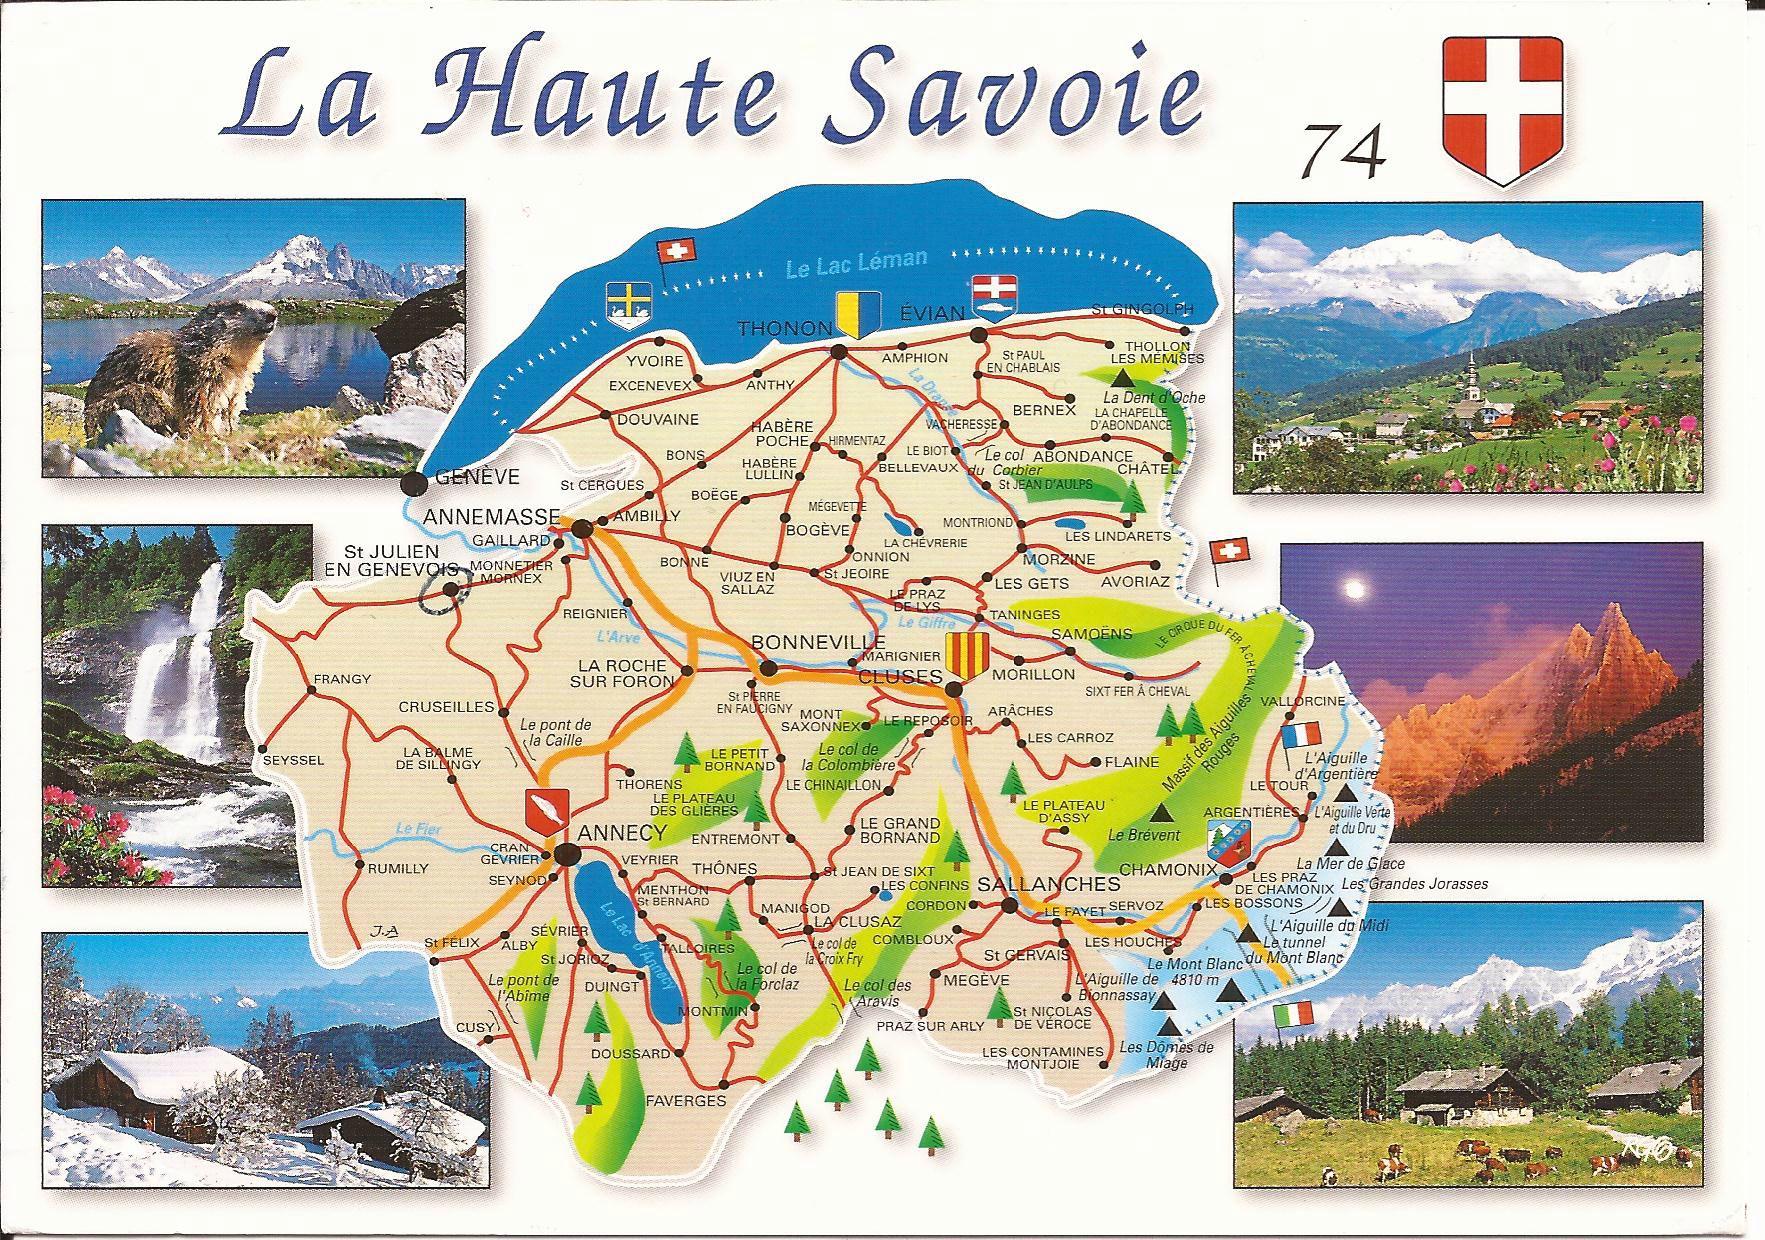 haute savoie carte touristique 74 Haute Savoie   Dans ma boîte aux lettres (cartes postales de